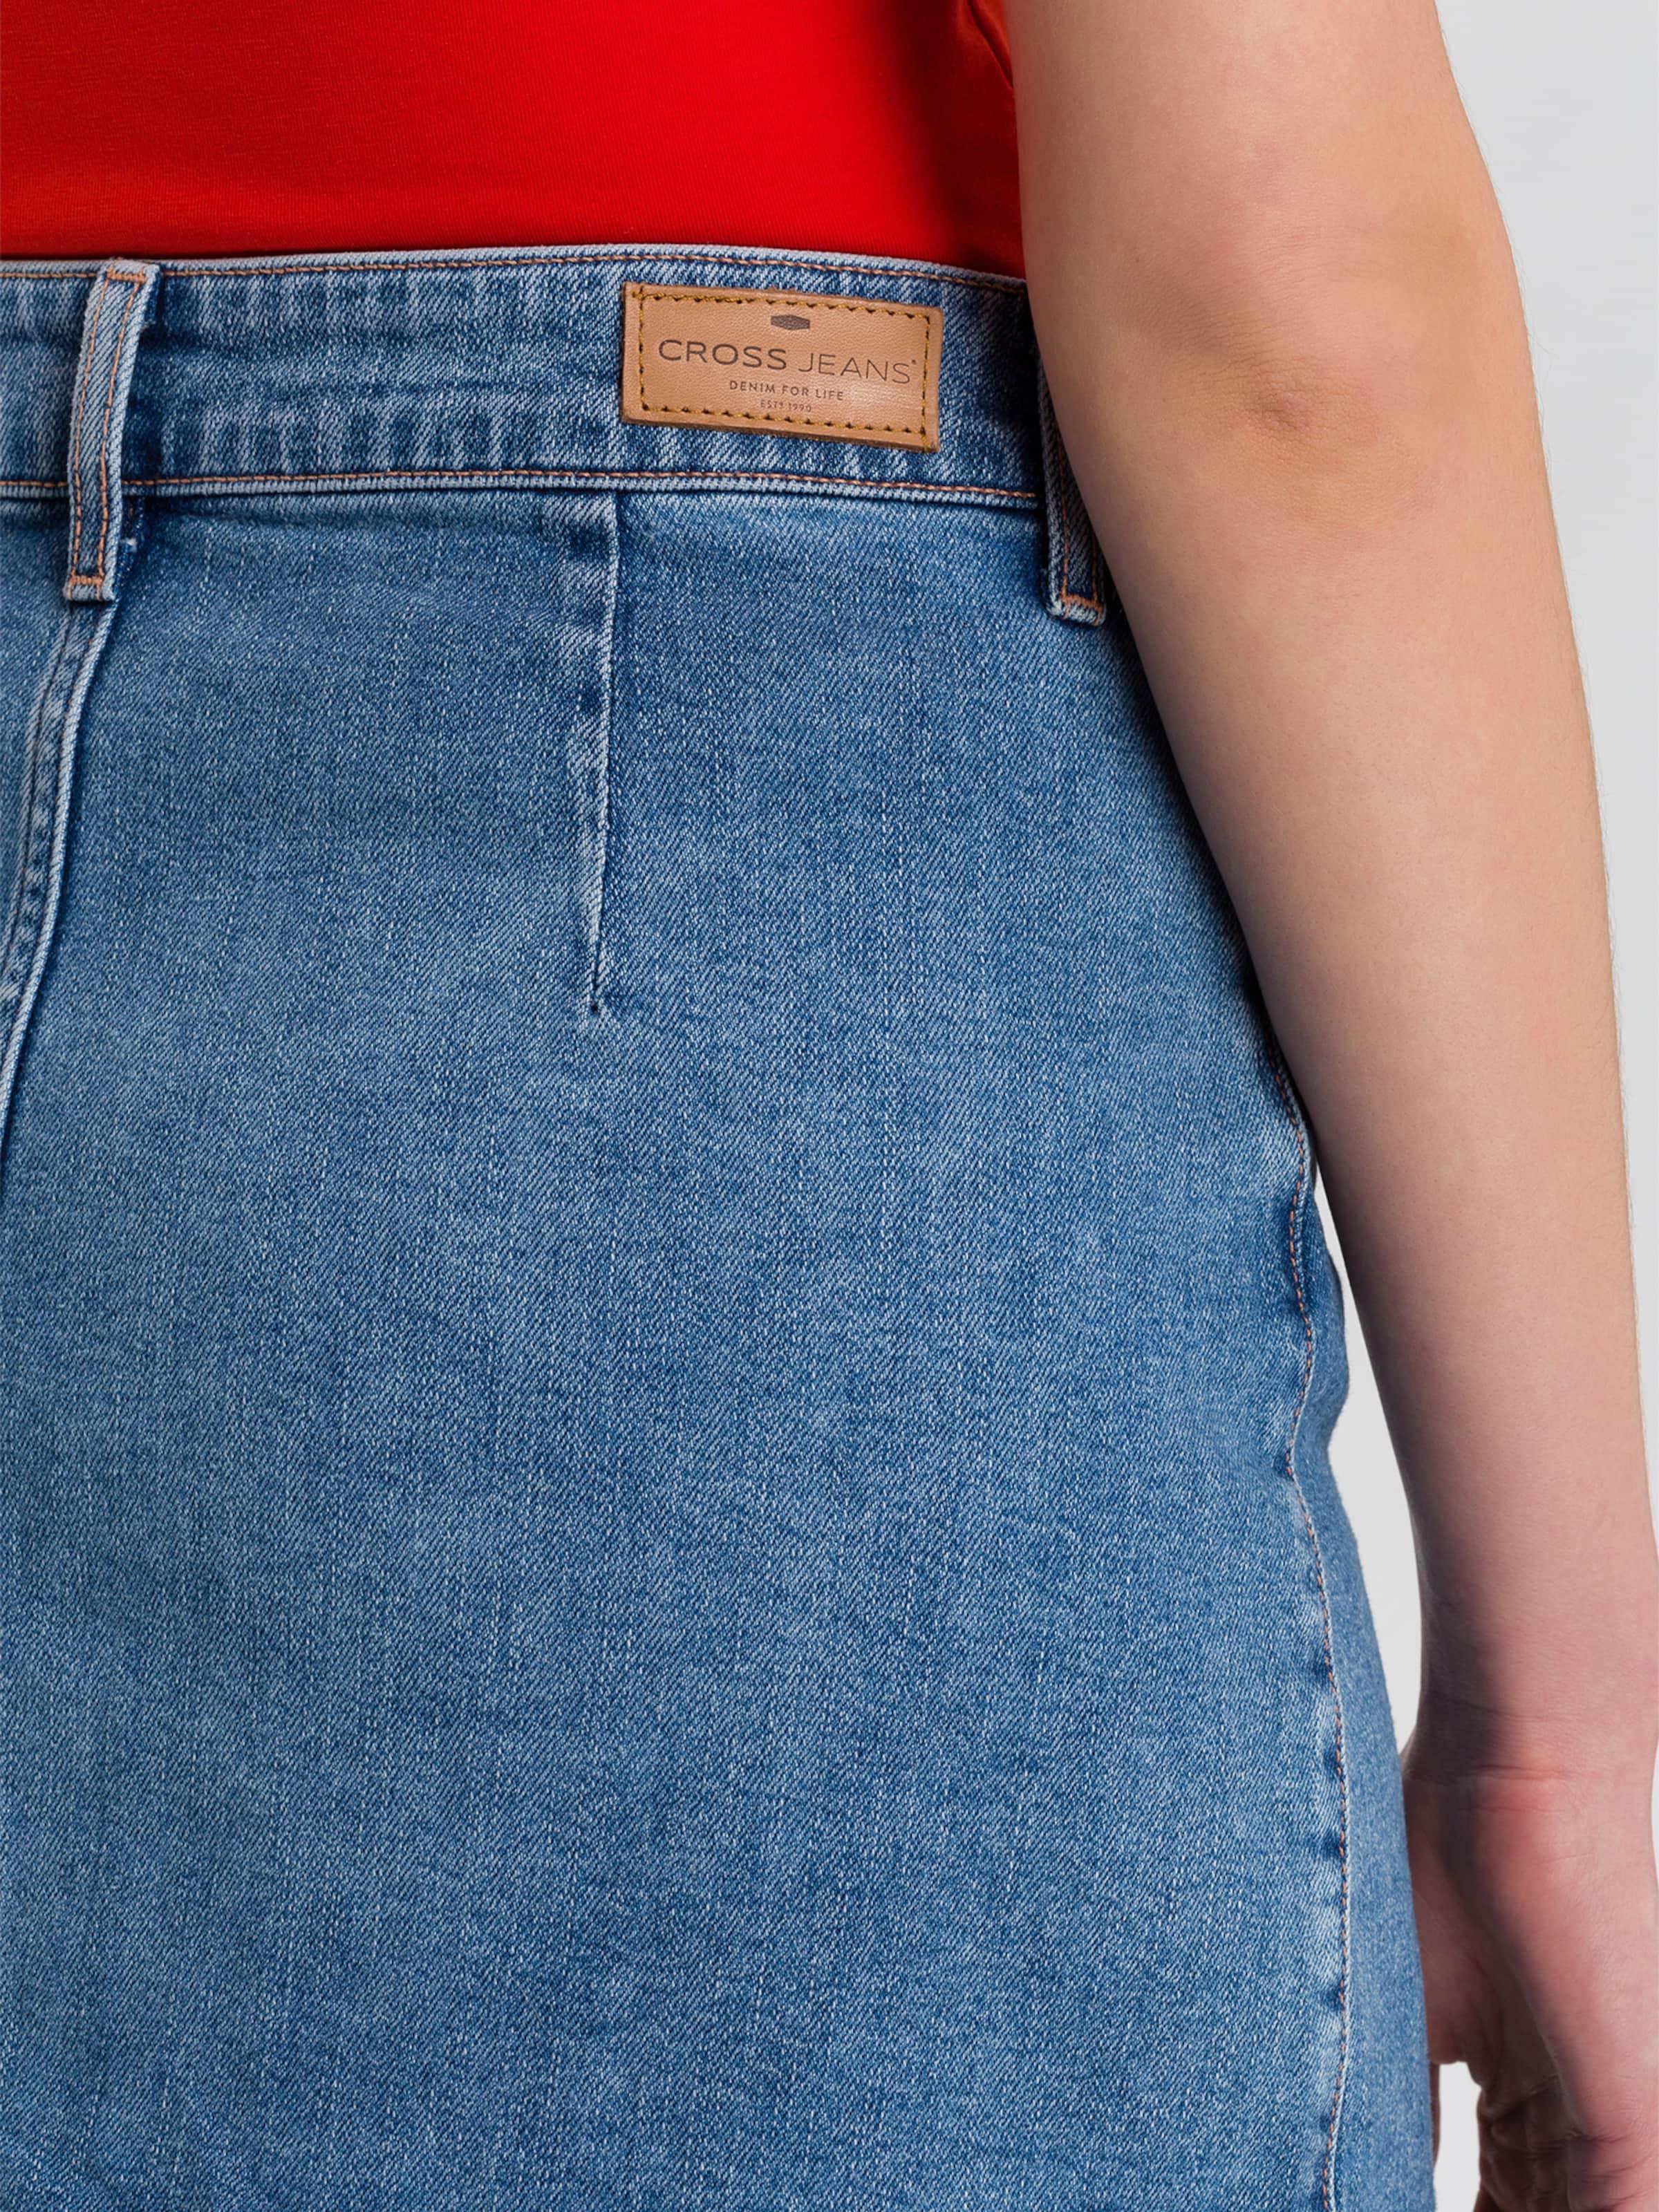 Blue In Cross Rock 'tracy' Jeans Denim 5j4ARL